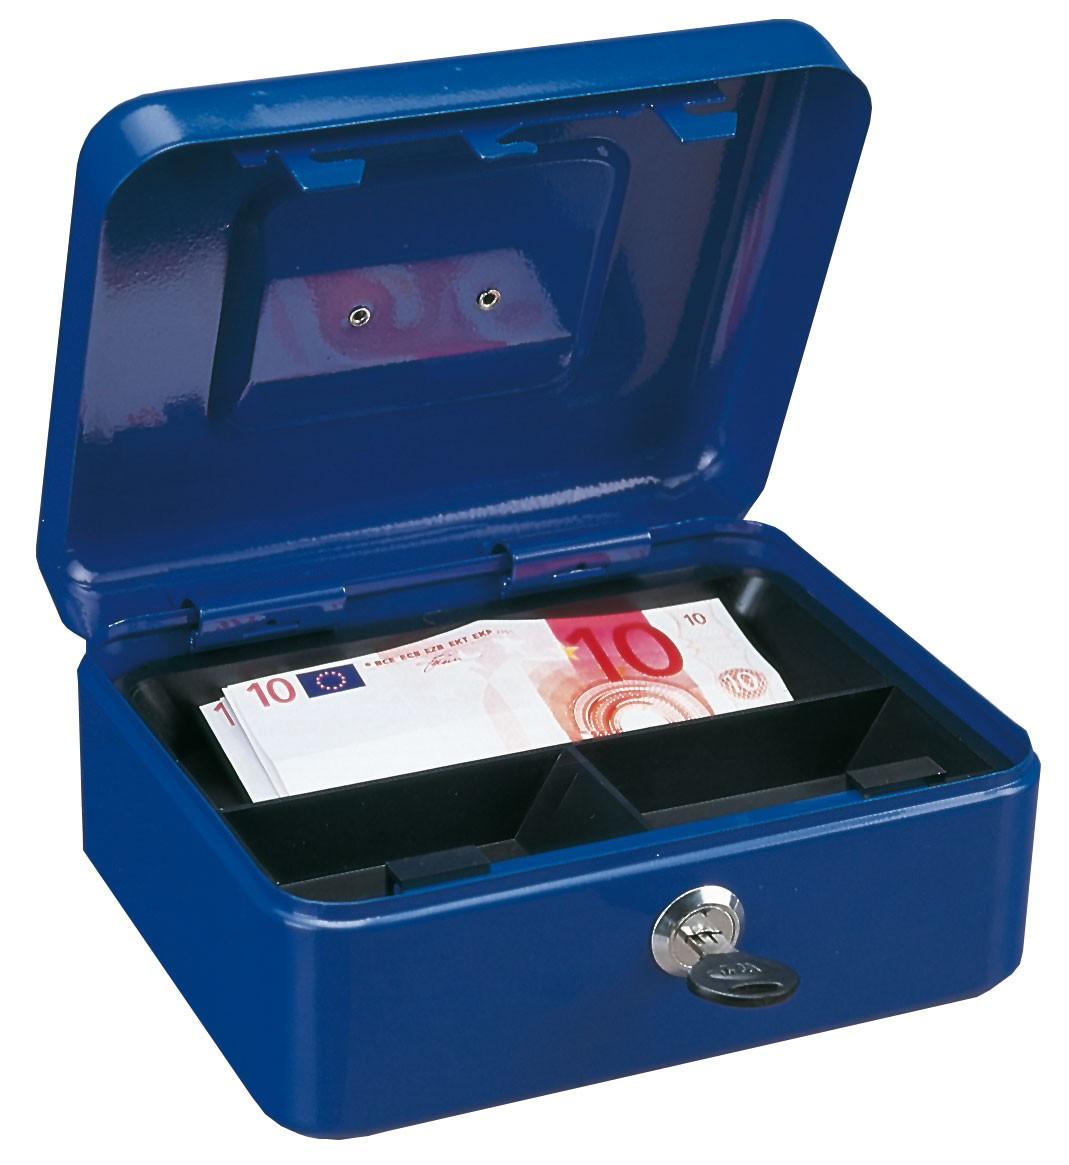 Rottner Geldkassette Traun 2 blau 90x200x165mm Bild 1